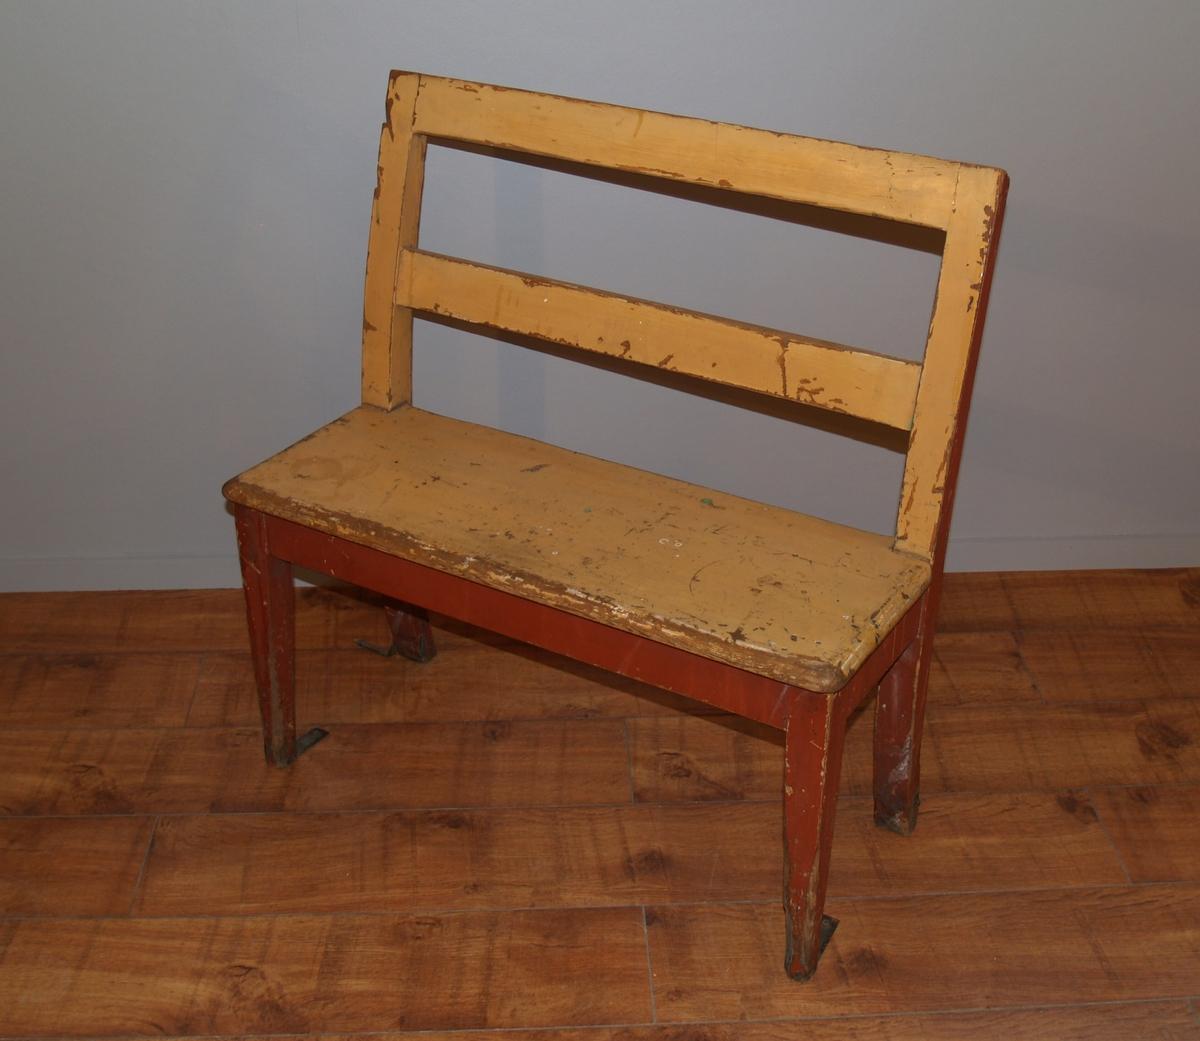 Benk med smale avlange seter med plass til 2. Fire ben og ryggstø. Deler av beslag på bena (til å feste i gulvet)